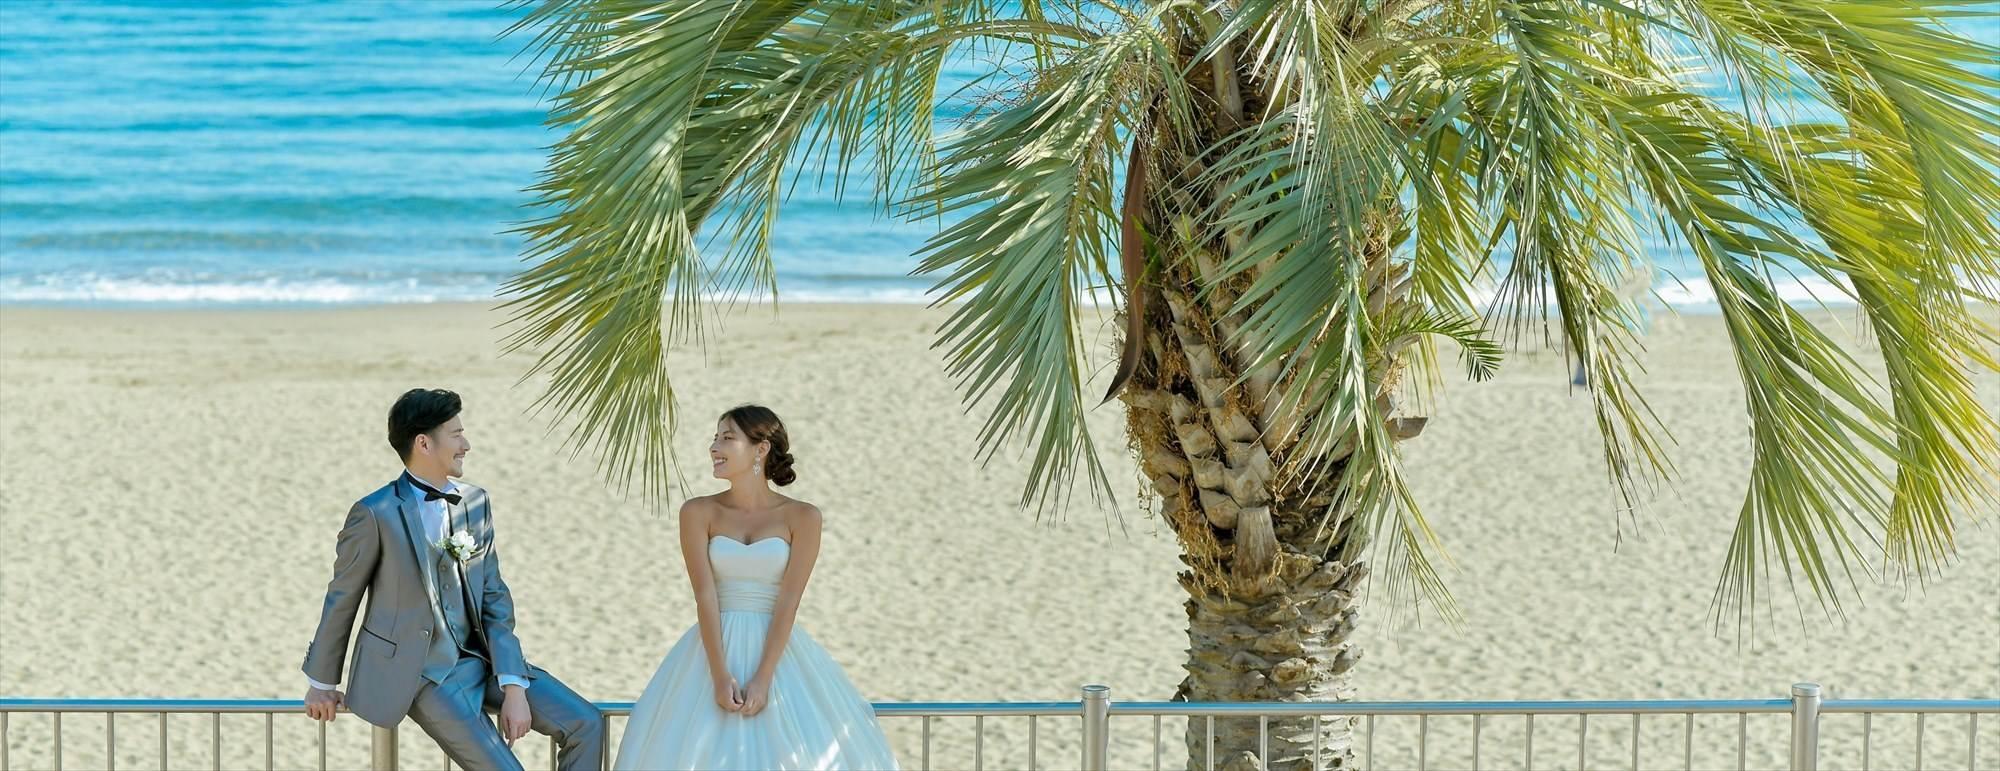 熱海ビーチウェディングフォト Atami Sun Beach Wedding Photo 熱海サンビーチ前撮り